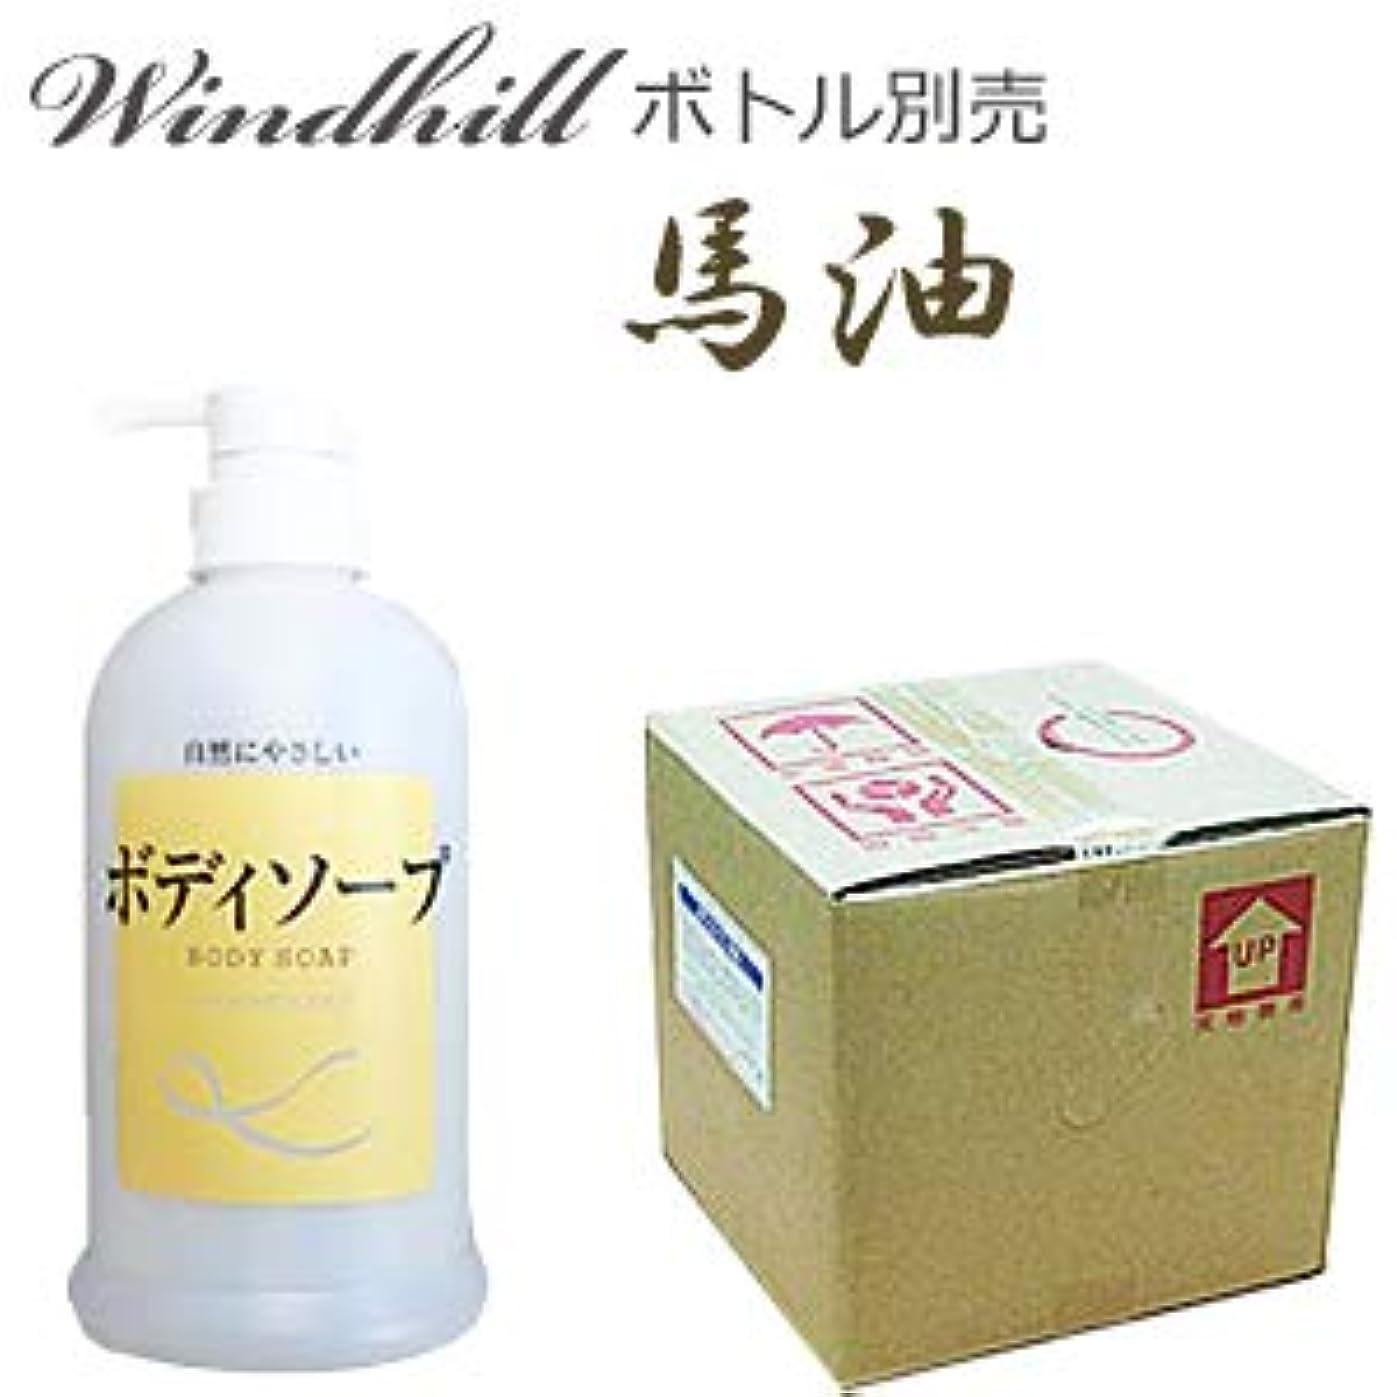 進む特異なポーターなんと! 500ml当り190円 Windhill 馬油 業務用 ボディソープ   フローラルの香り 20L